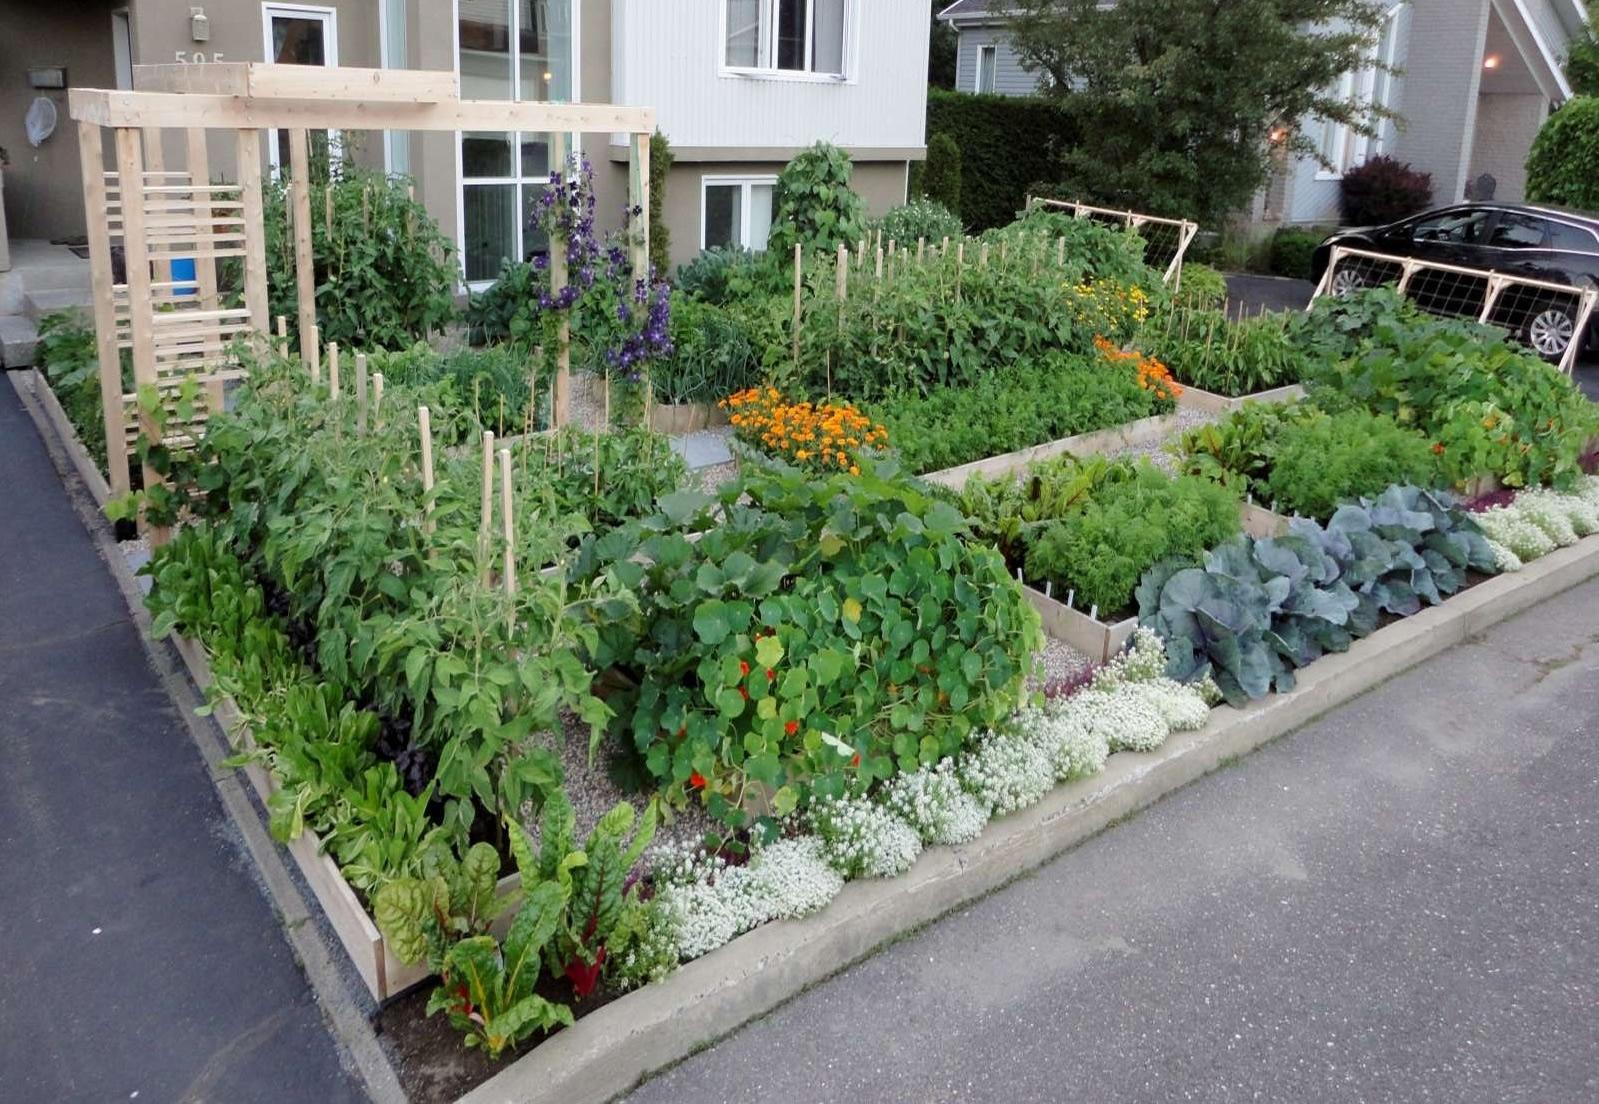 Kitchen Gardeners International A Repressalbo Contra O Anticonsumismo Homem Ac Multado Por Fazer